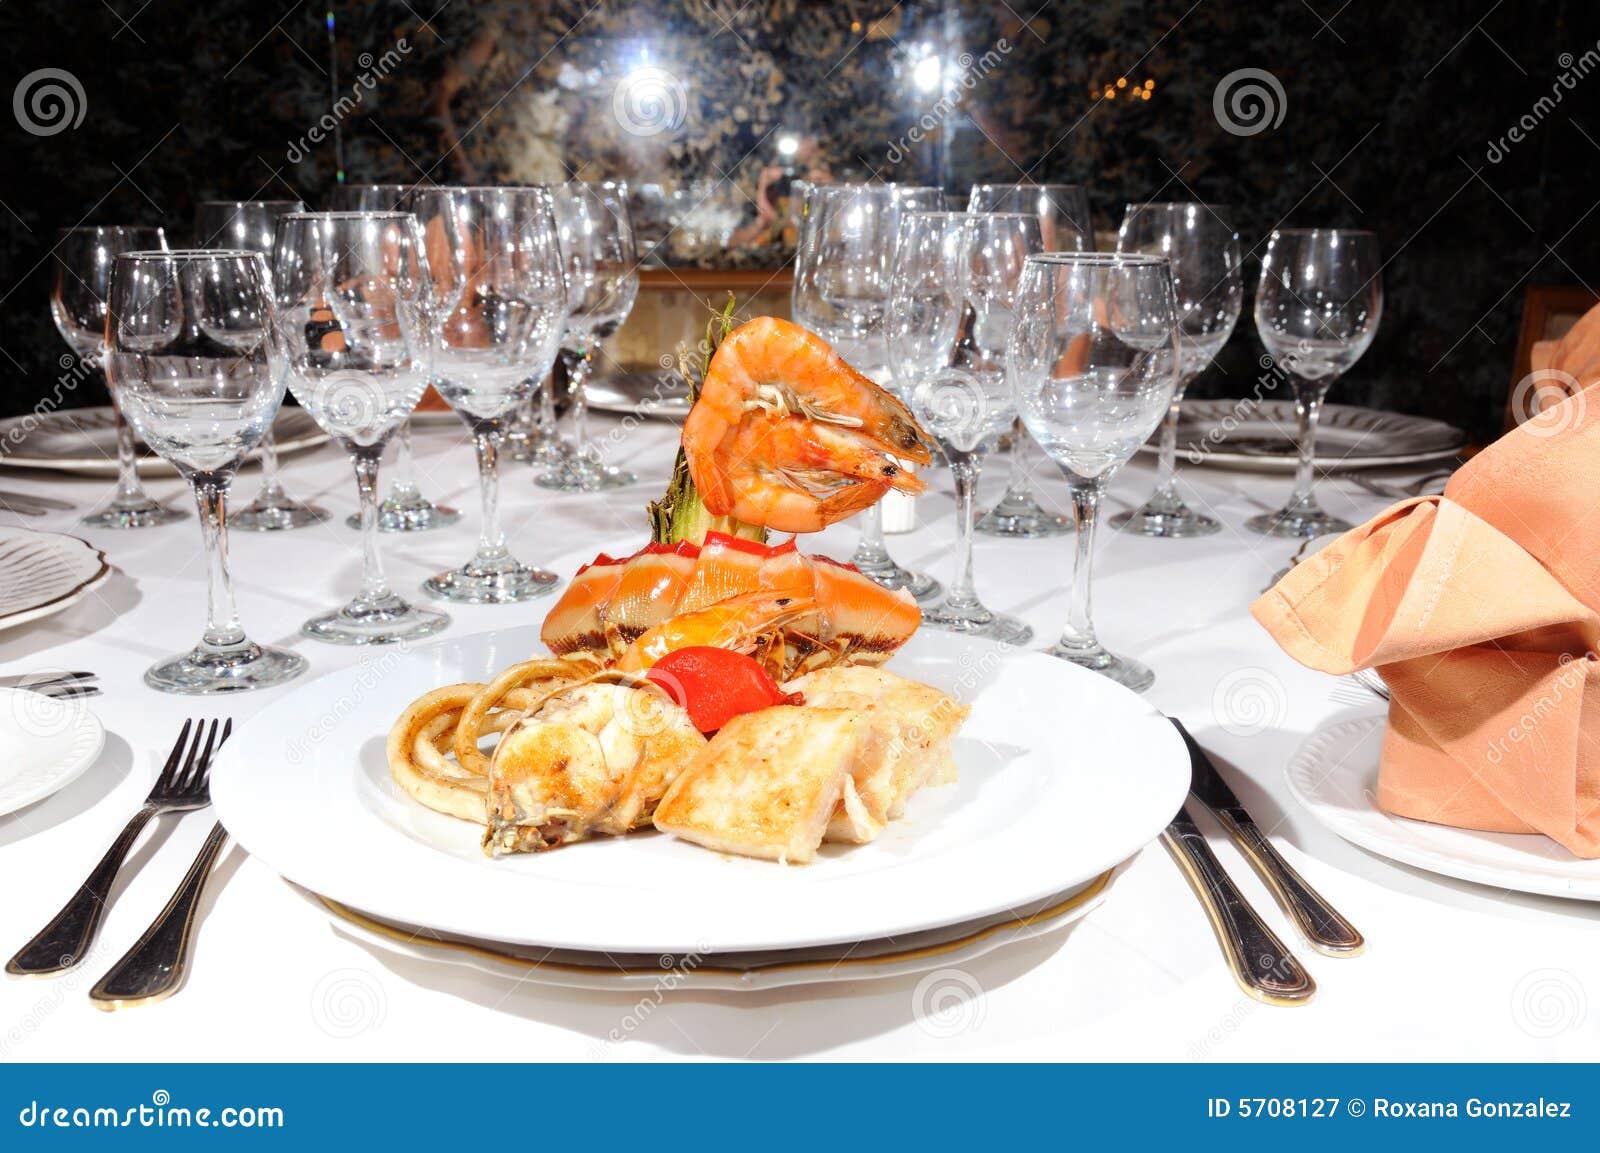 Fruits de mer sur le restaurant luxe image stock